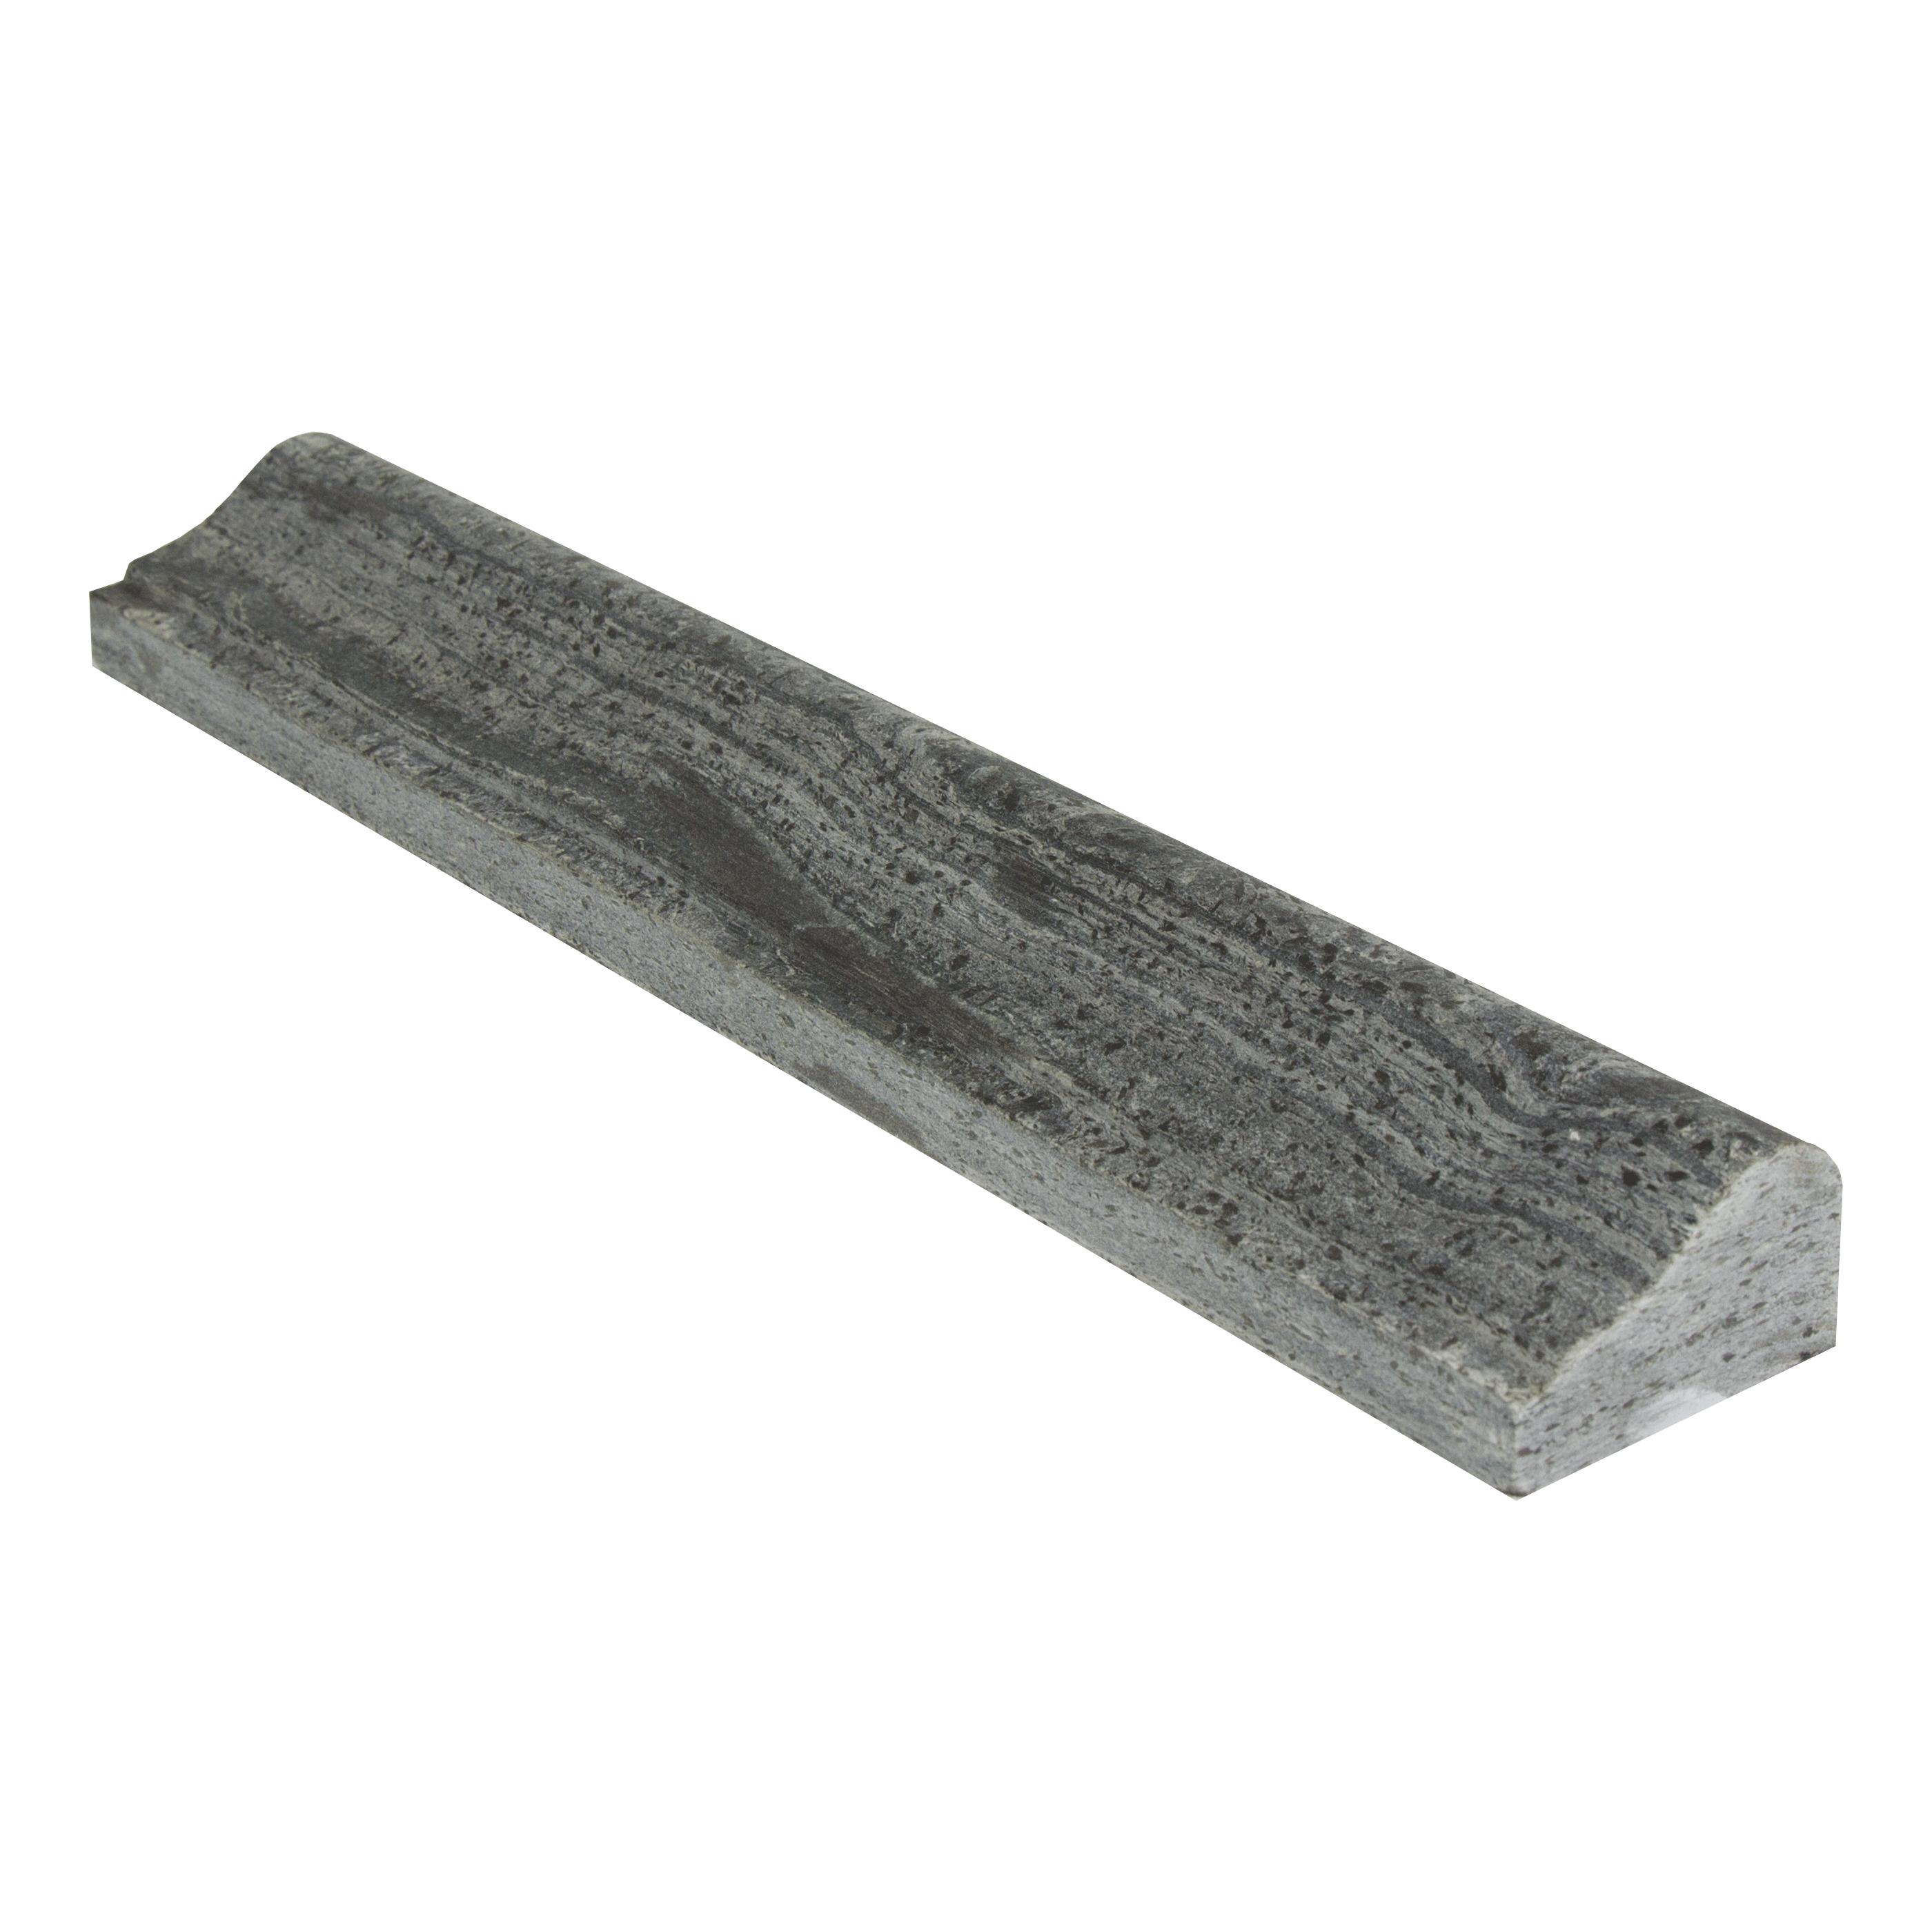 Ostrich Grey Quartzite Trim Natural Stone Resources